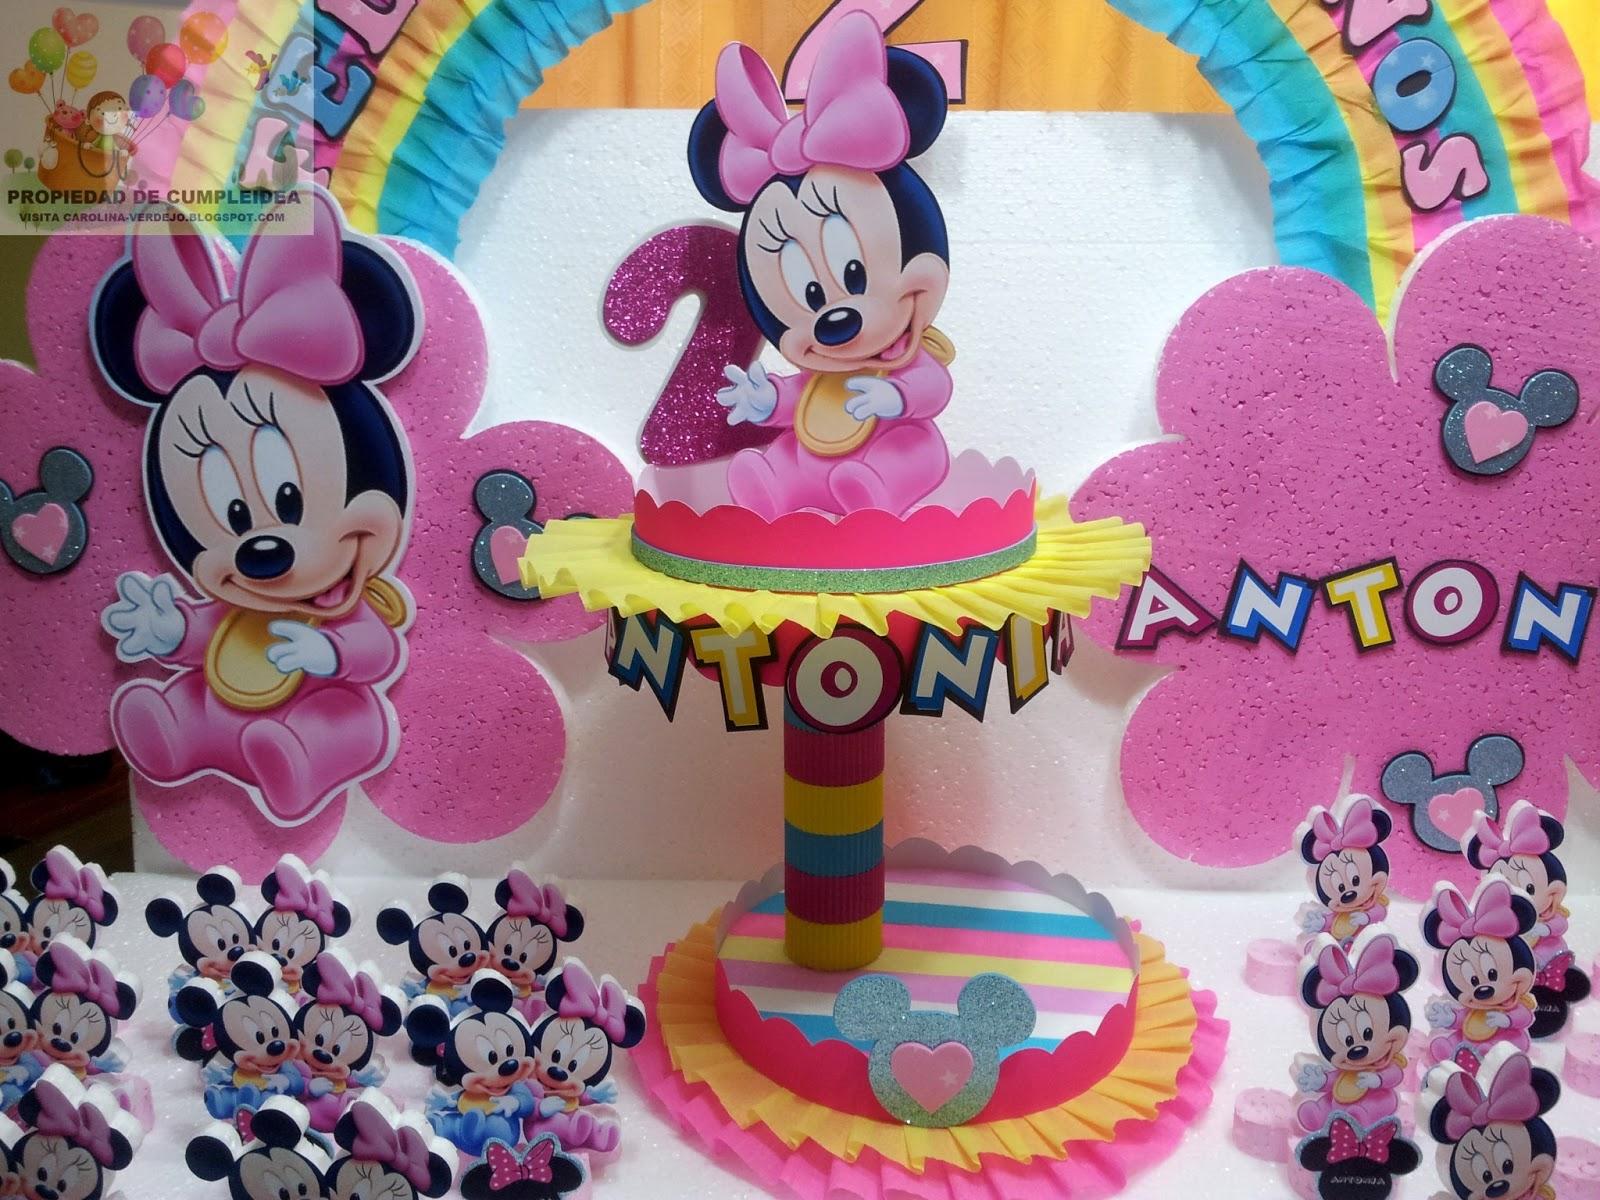 Imagenes de decoración de Minnie Mouse bebé - Imagui